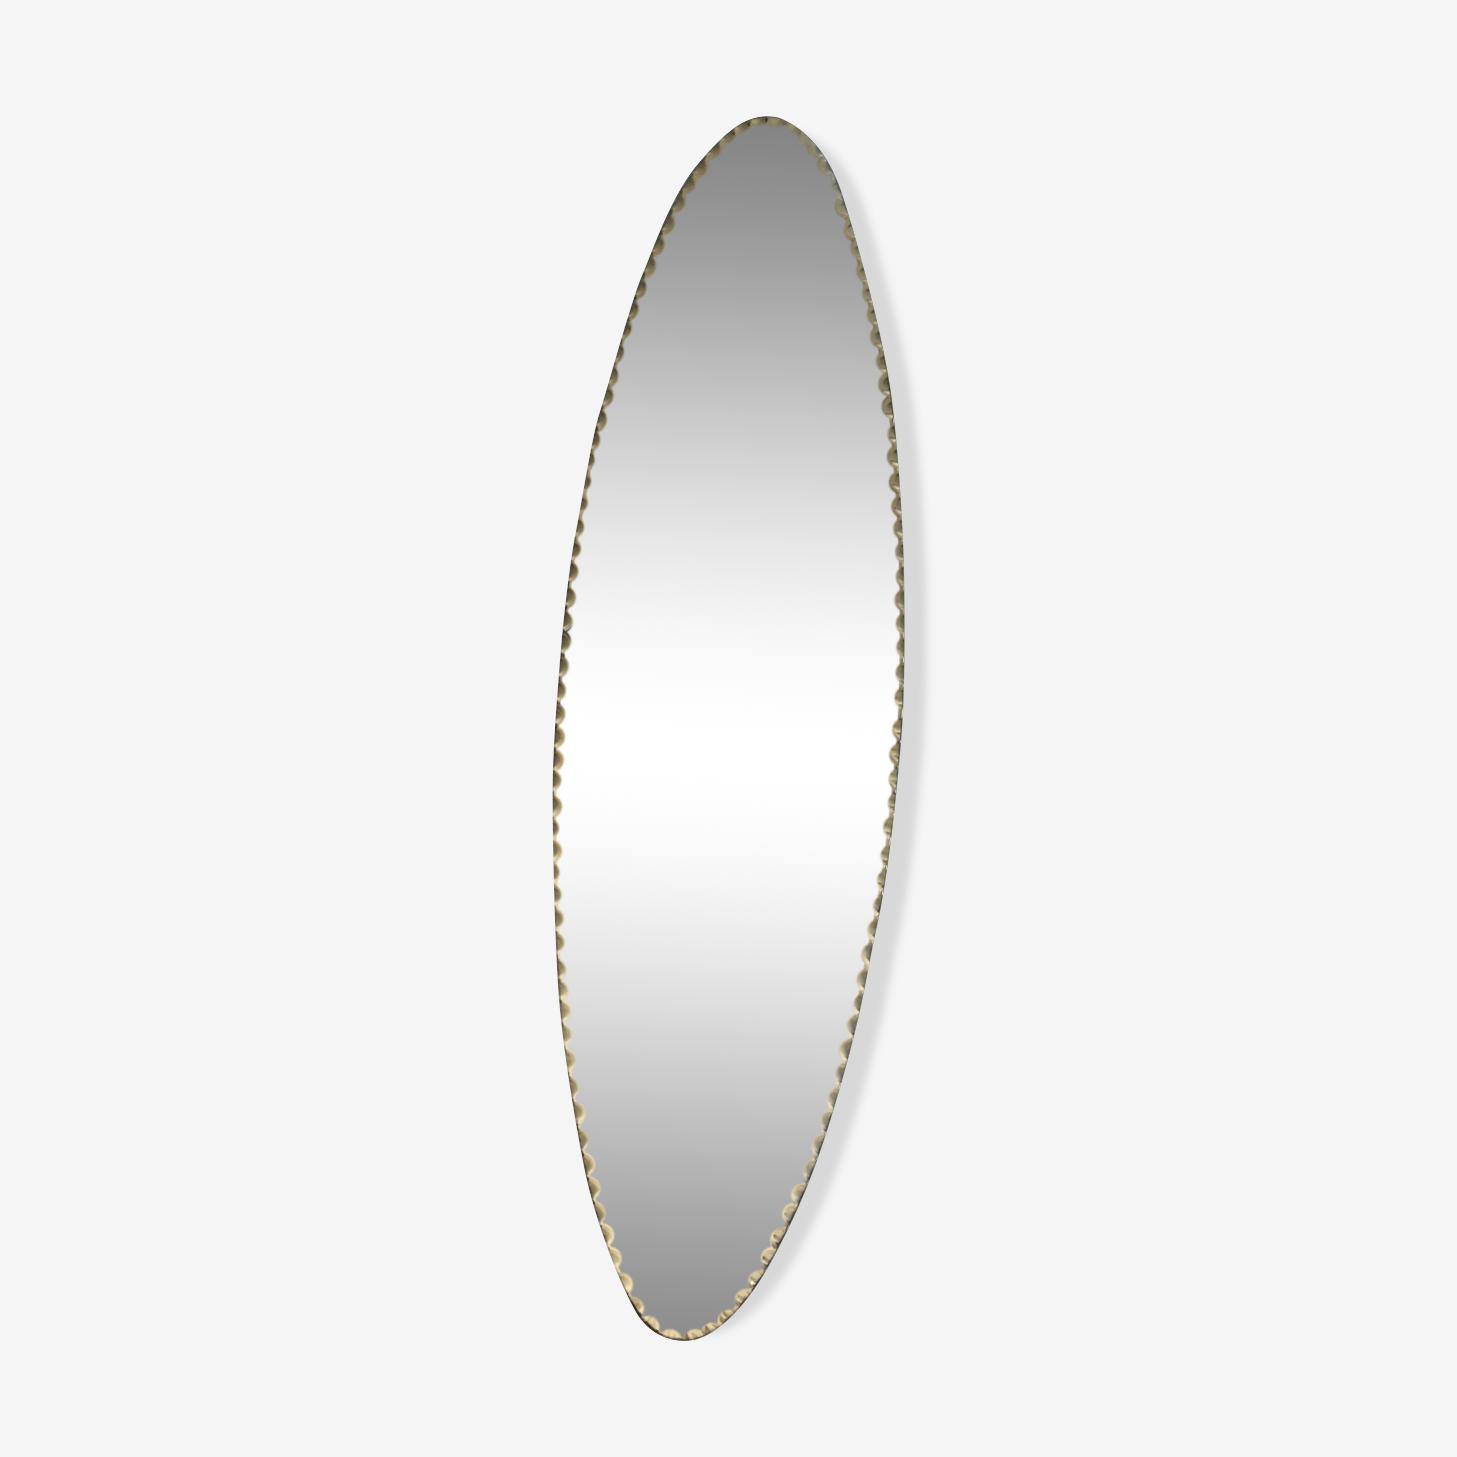 Long miroir oval biseauté 60x17cm